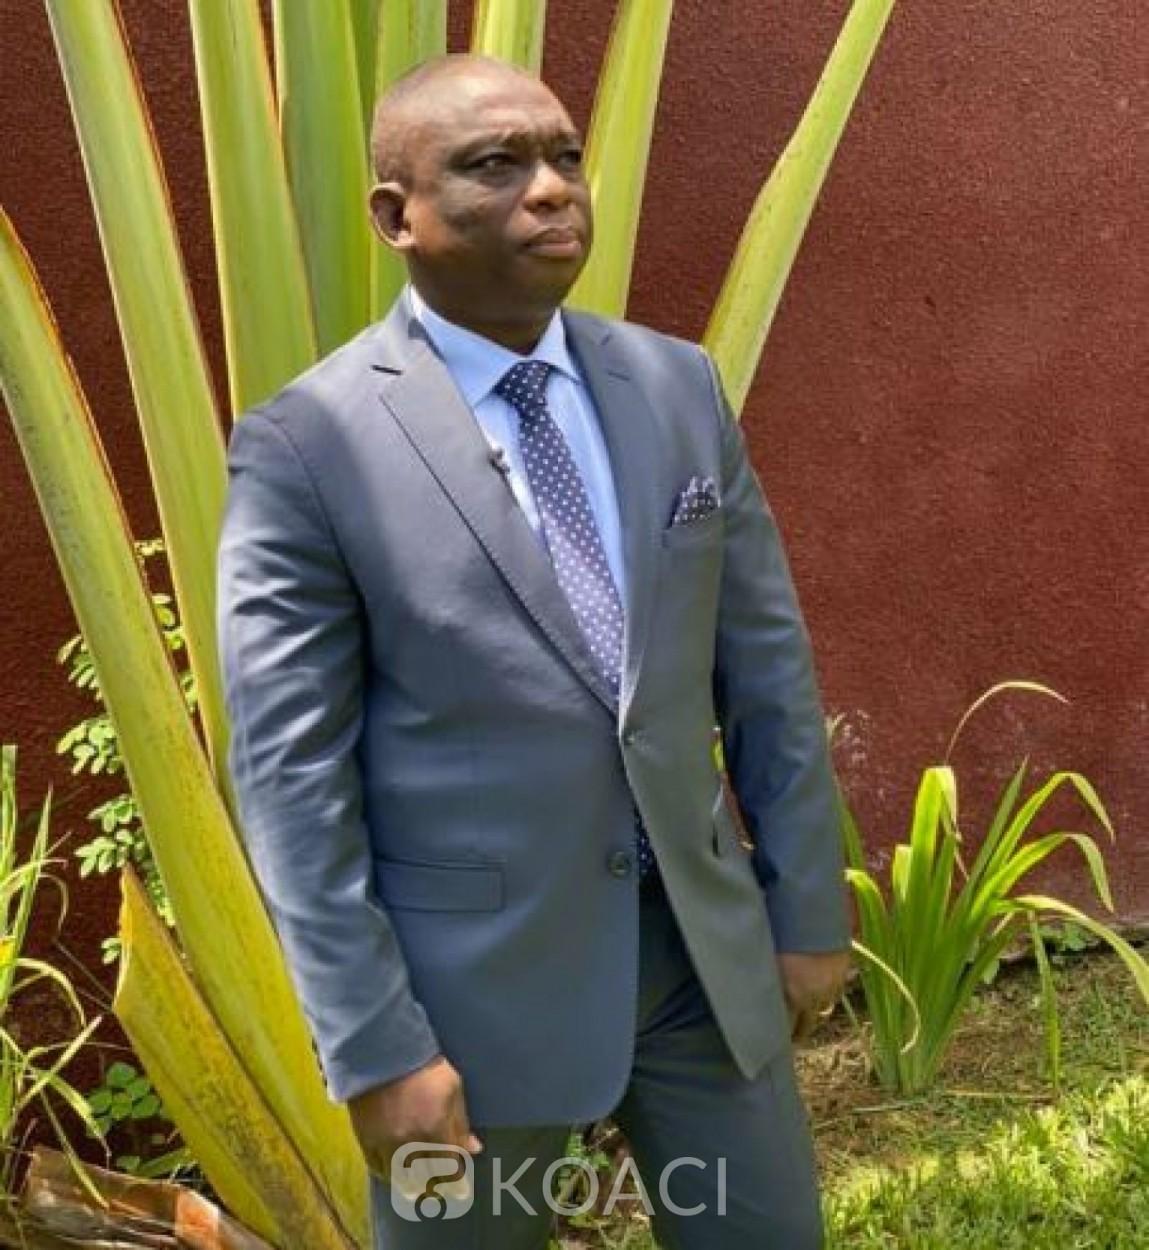 Côte  d'Ivoire : Appel à la désobéissance civile, KKB se démarque  de l'opposition « Je ne participe pas à ce qui divise la Cote d'Ivoire »